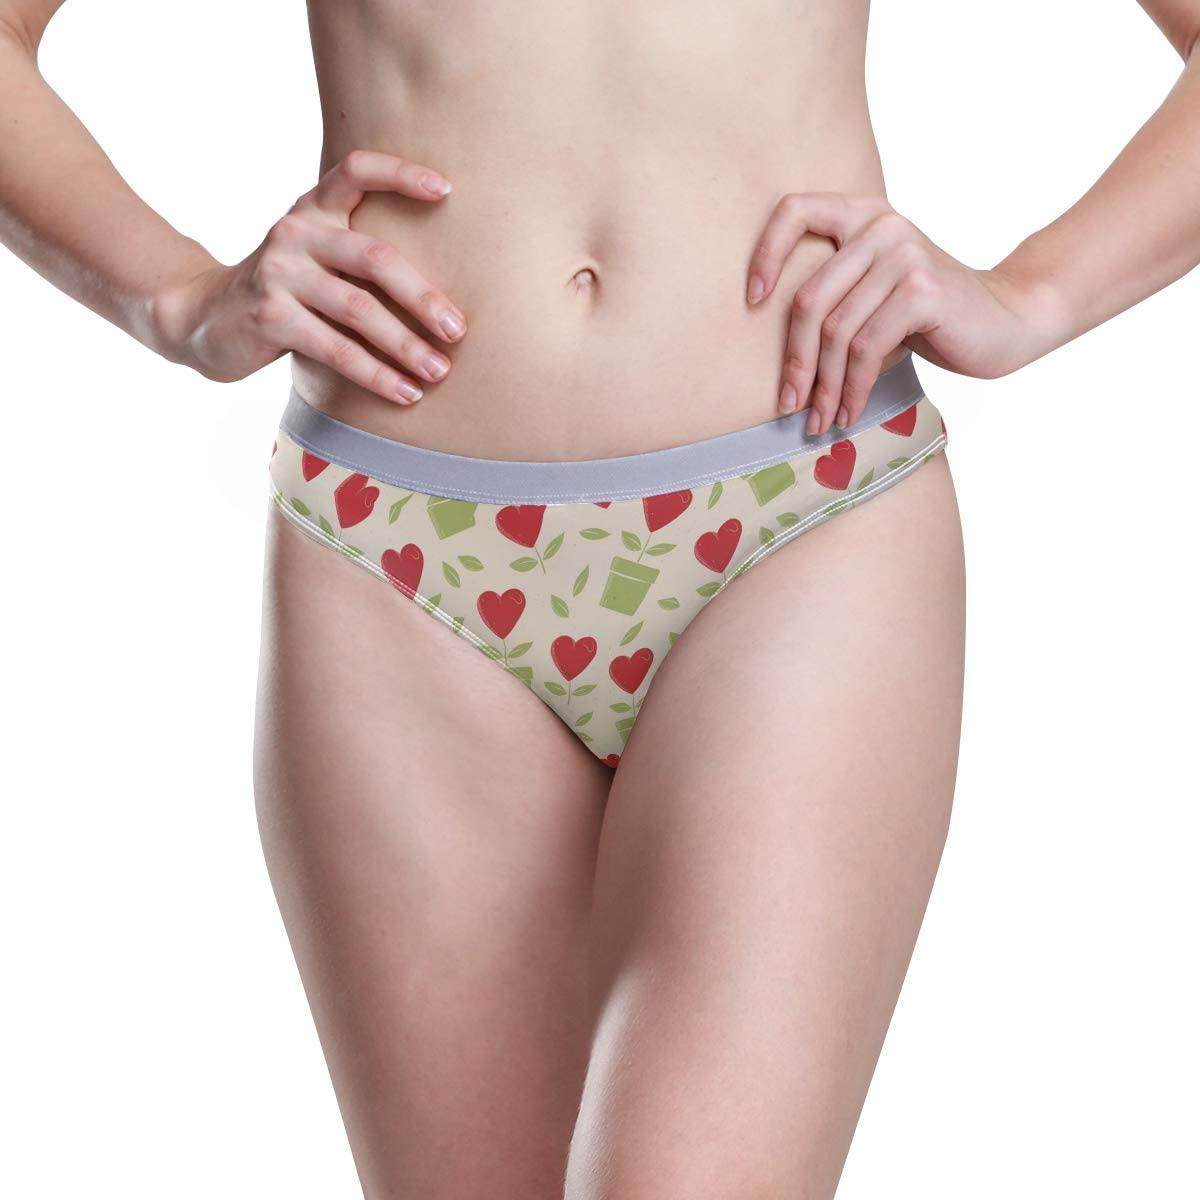 Women Underwear Bikini Vintage Retro Valentine's Day Pattern 3D Printed Sexy Low Waist Panties Hipster Comfy Briefs S